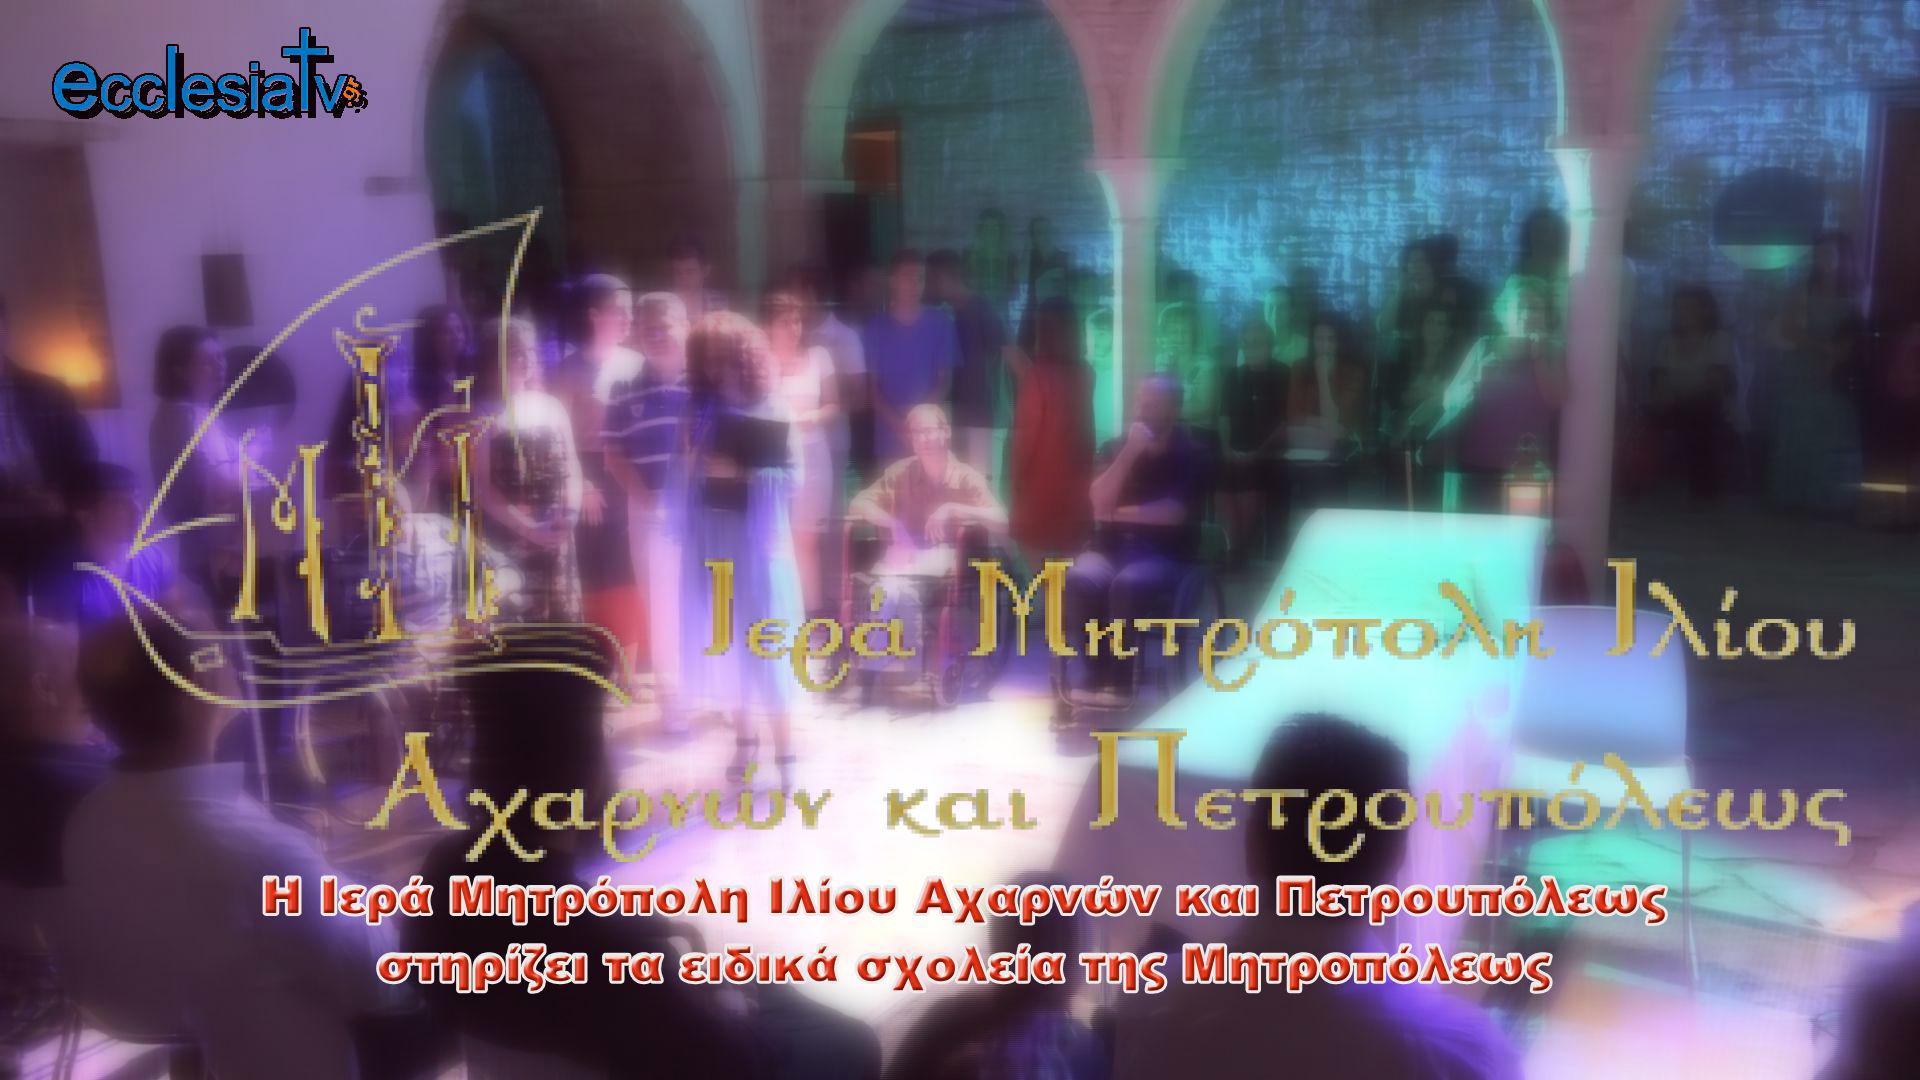 Η Ιερά Μητρόπολη Ιλίου Αχαρνών και Πετρουπόλεως στηρίζει τα ειδικά σχολεία της Μητροπόλεως ''Με τ` ουρανού την αύρα και το φως''